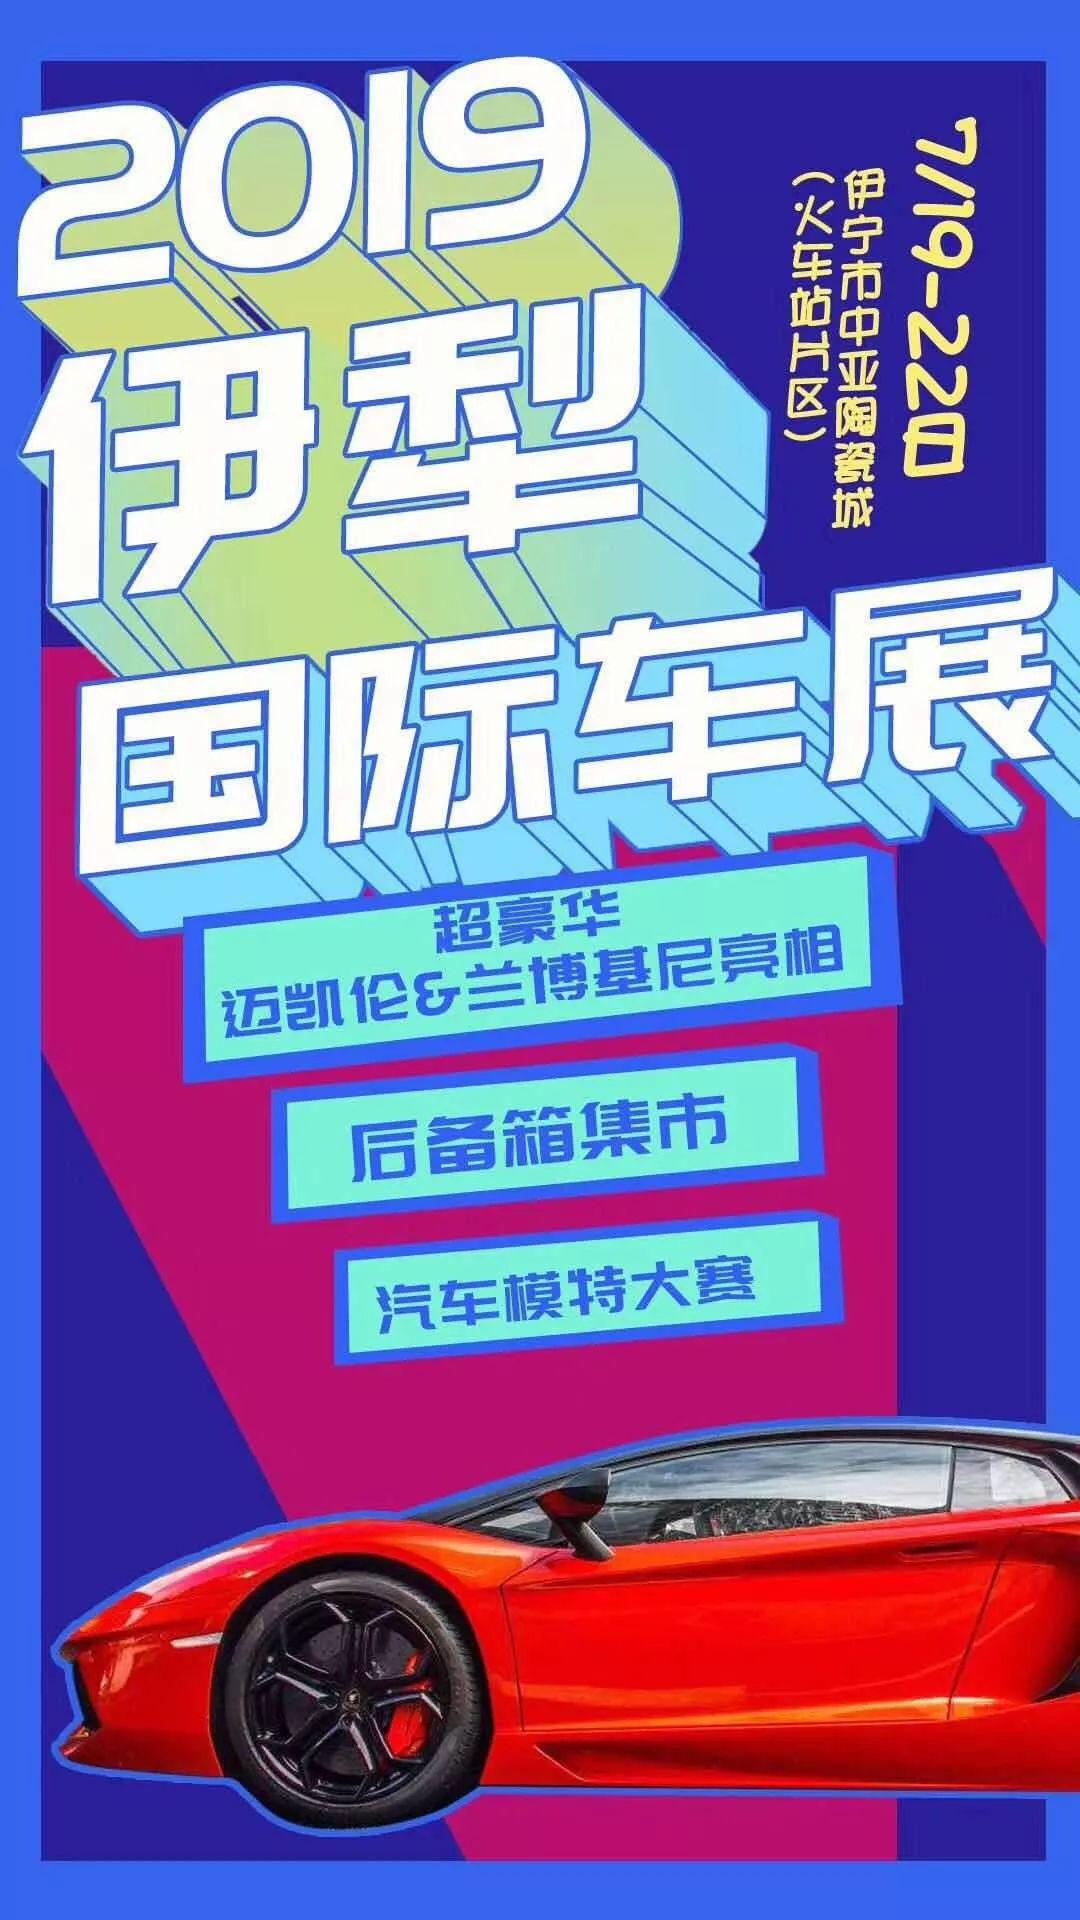 伊犁国际车展